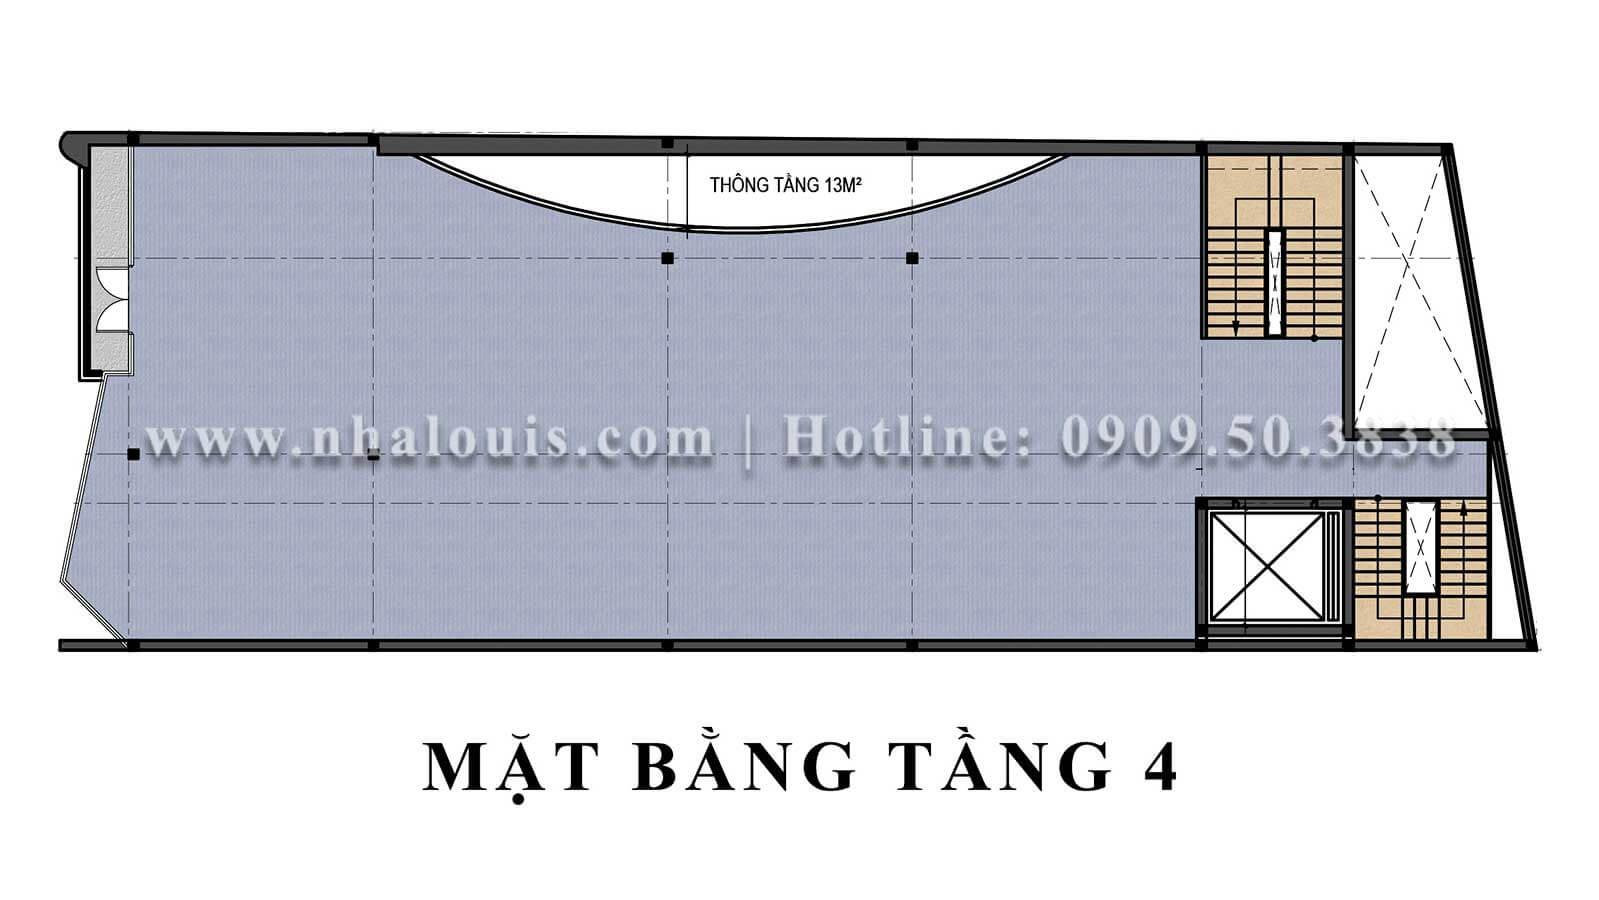 Mặt bằng tầng 4 Mẫu thiết kế phòng gym chuẩn hiện đại tại Quận 9 - 18